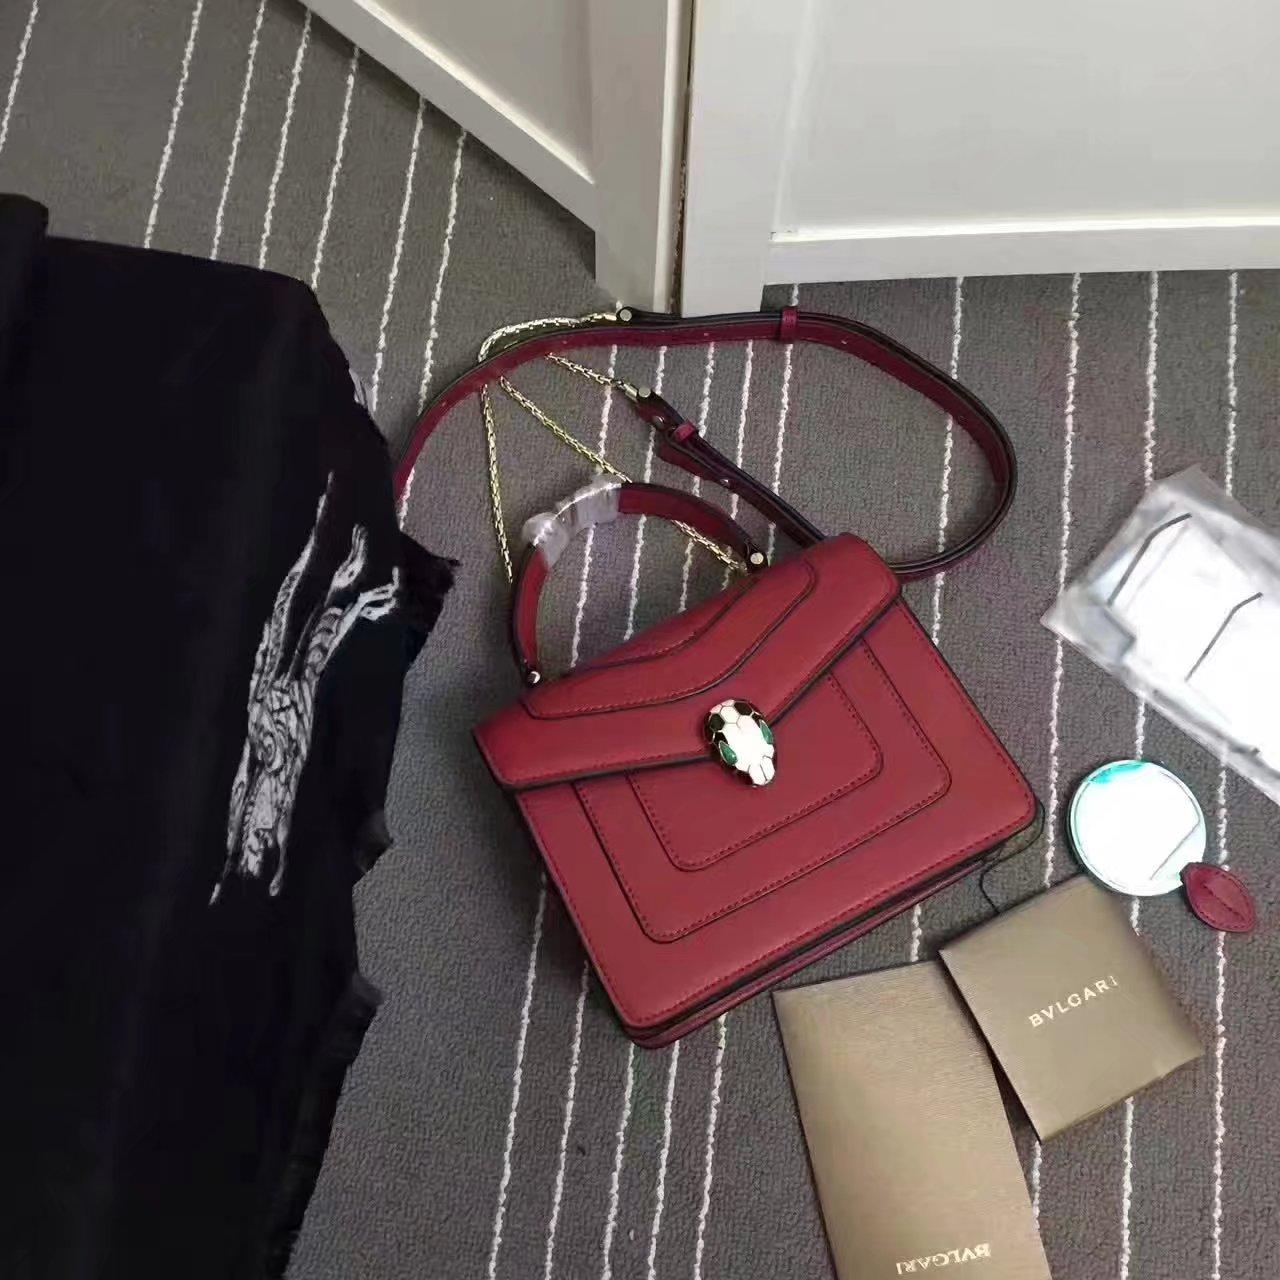 Bulgari Serpenti Forever Flap Cover Bag 20cm Rose